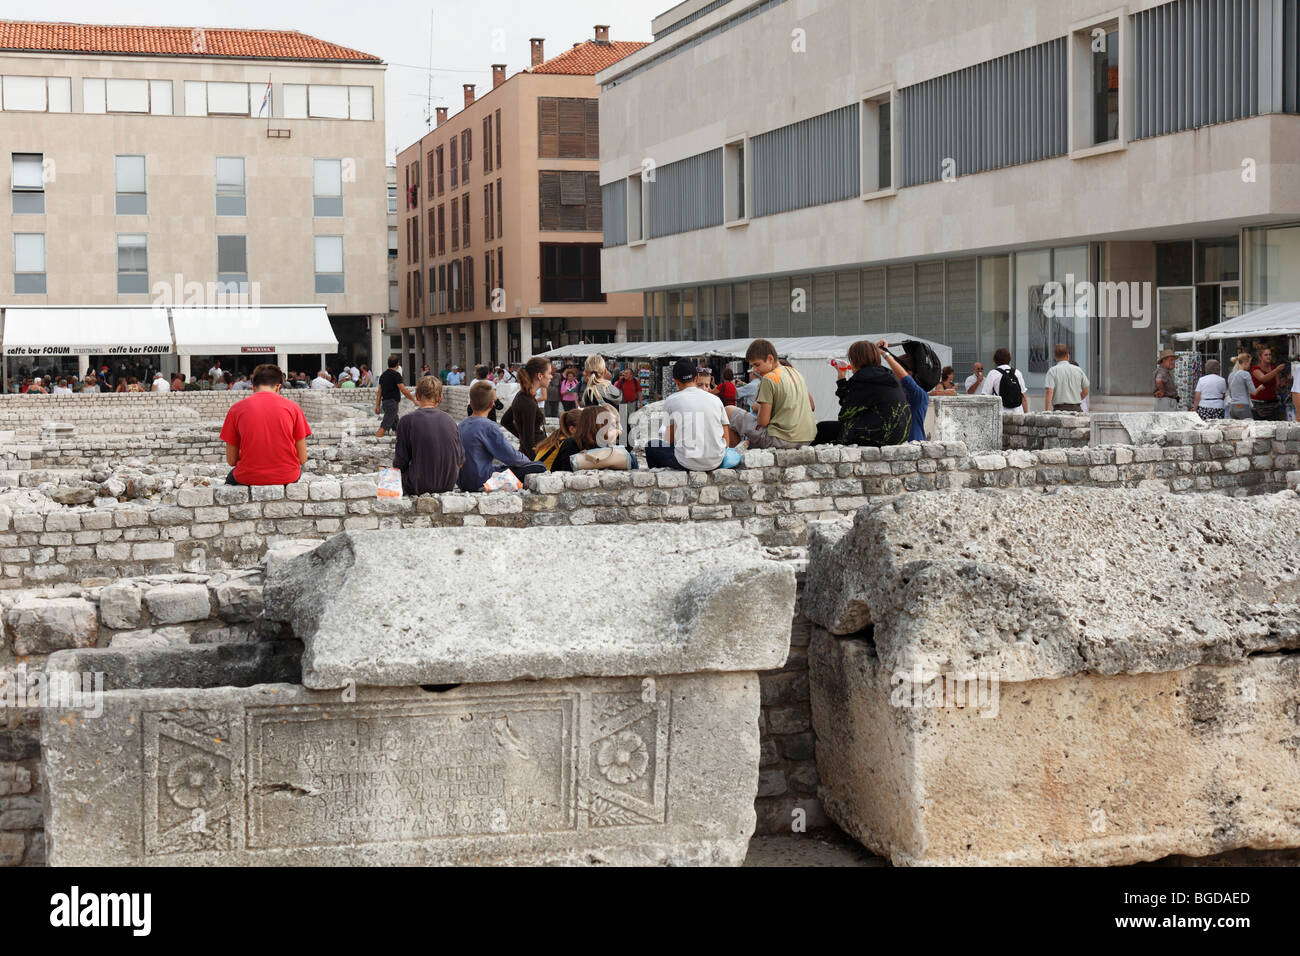 Das Forum Romanum und modernen Gebäuden, Altstadt von Zadar, Dalmatien, Kroatien, Europa Stockbild